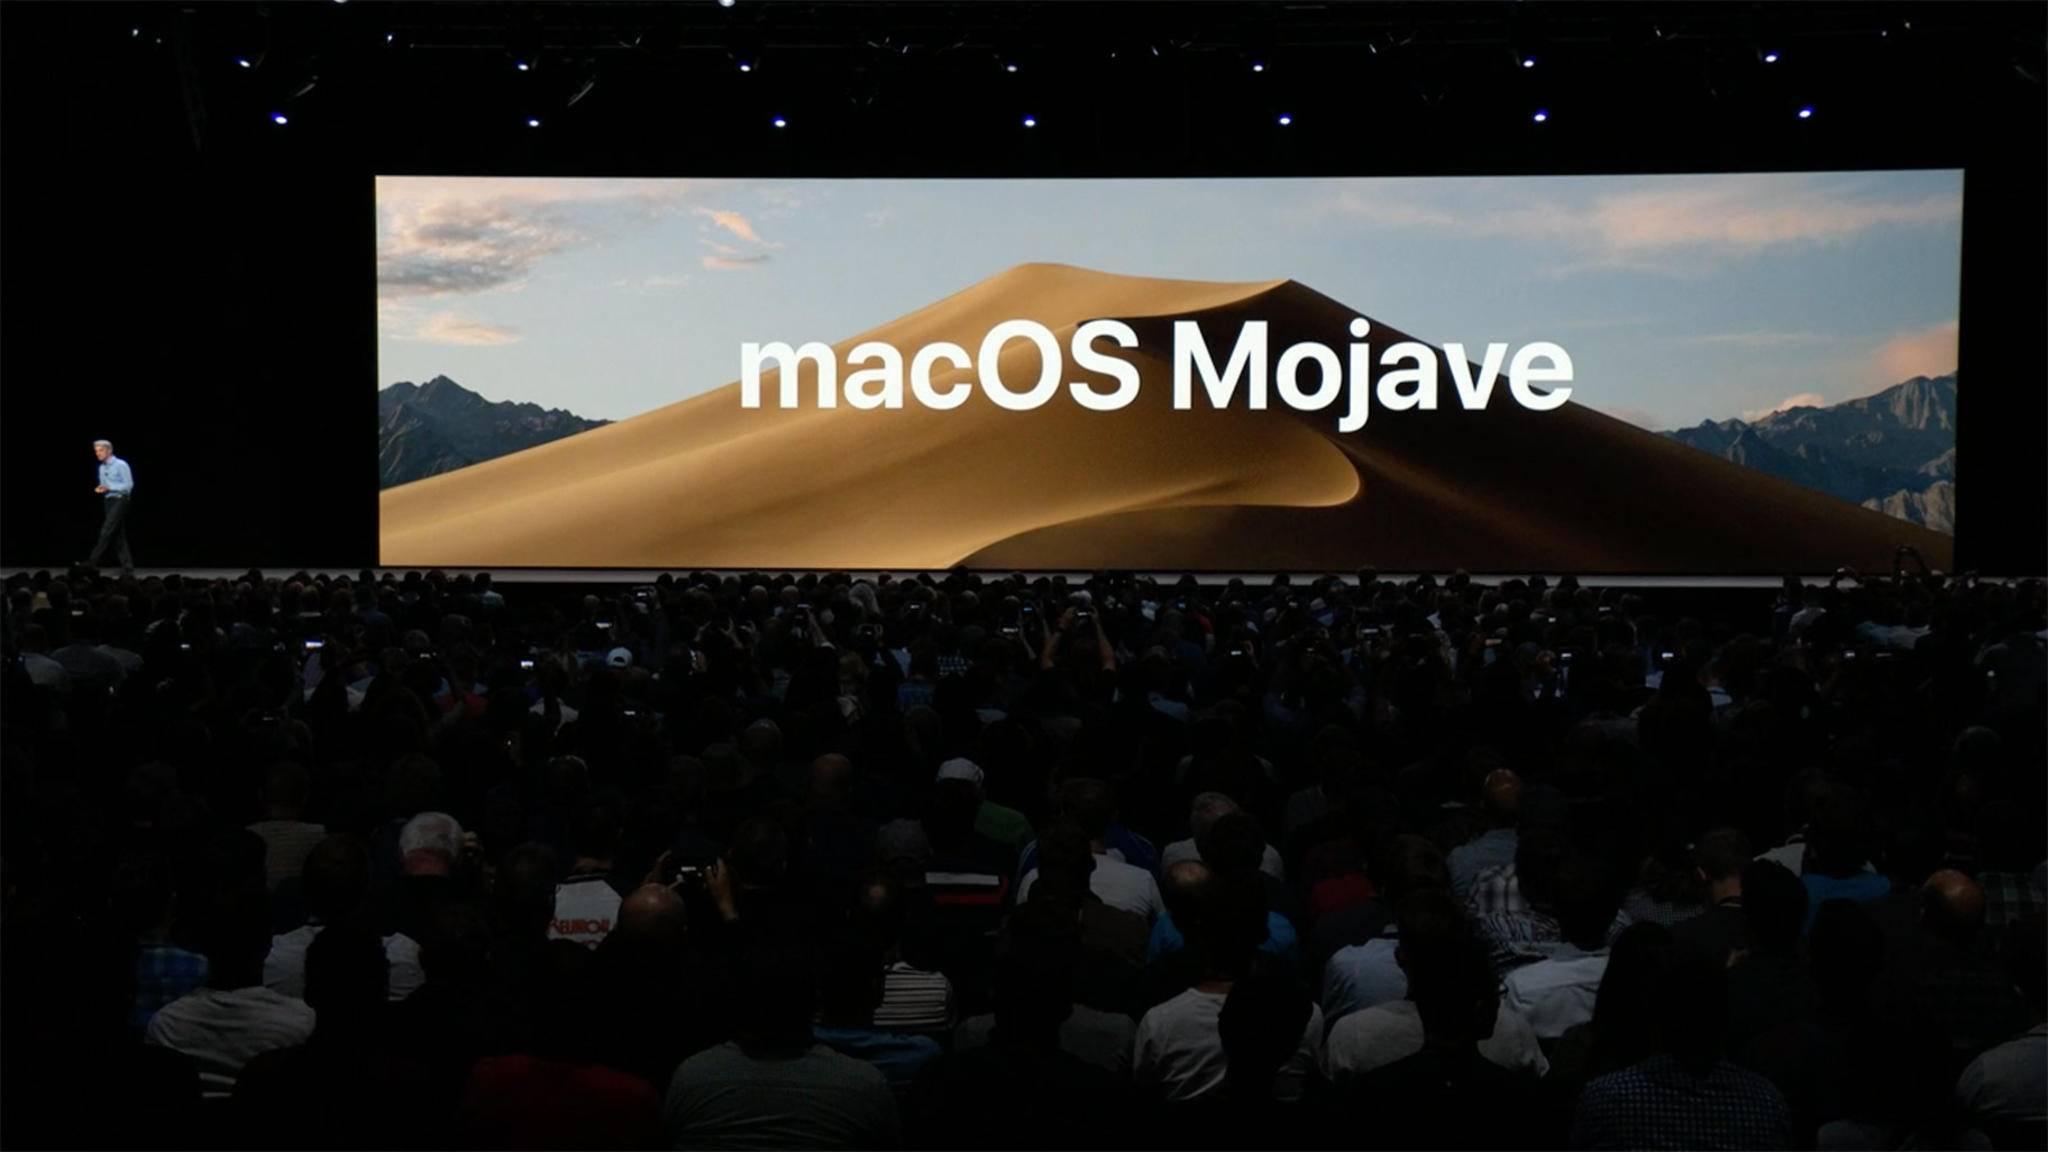 macOS Mojave bietet viele neue Apps und Features.